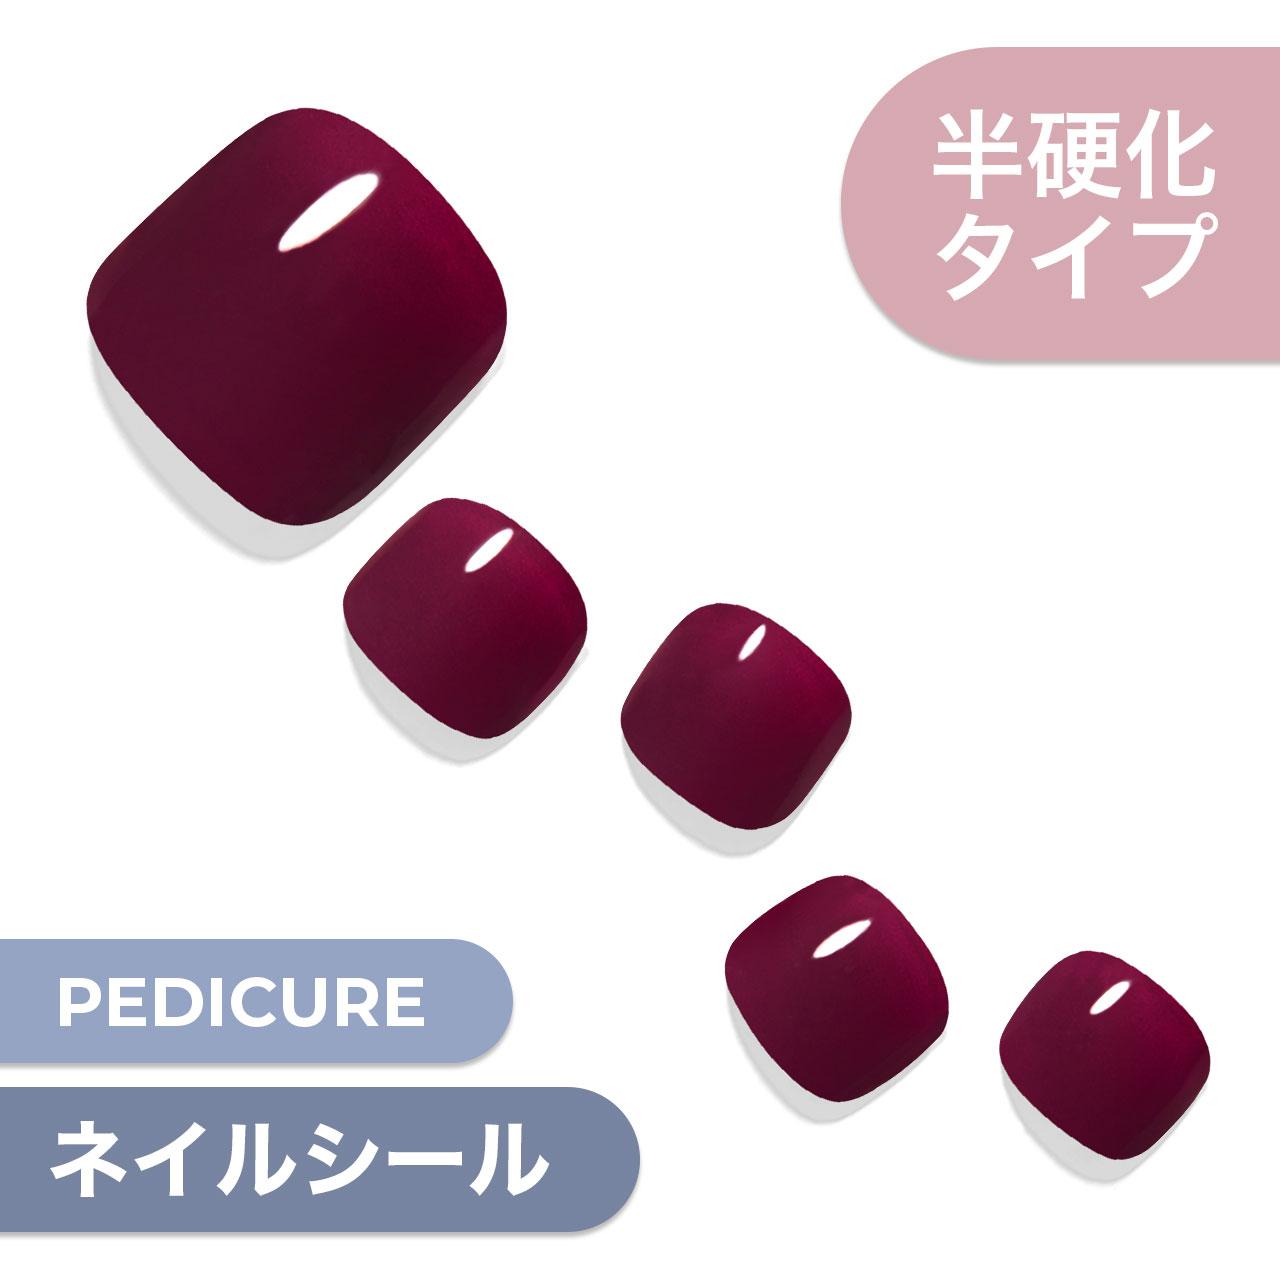 【Black Cherry】ダッシングディバグレーズ ペディ